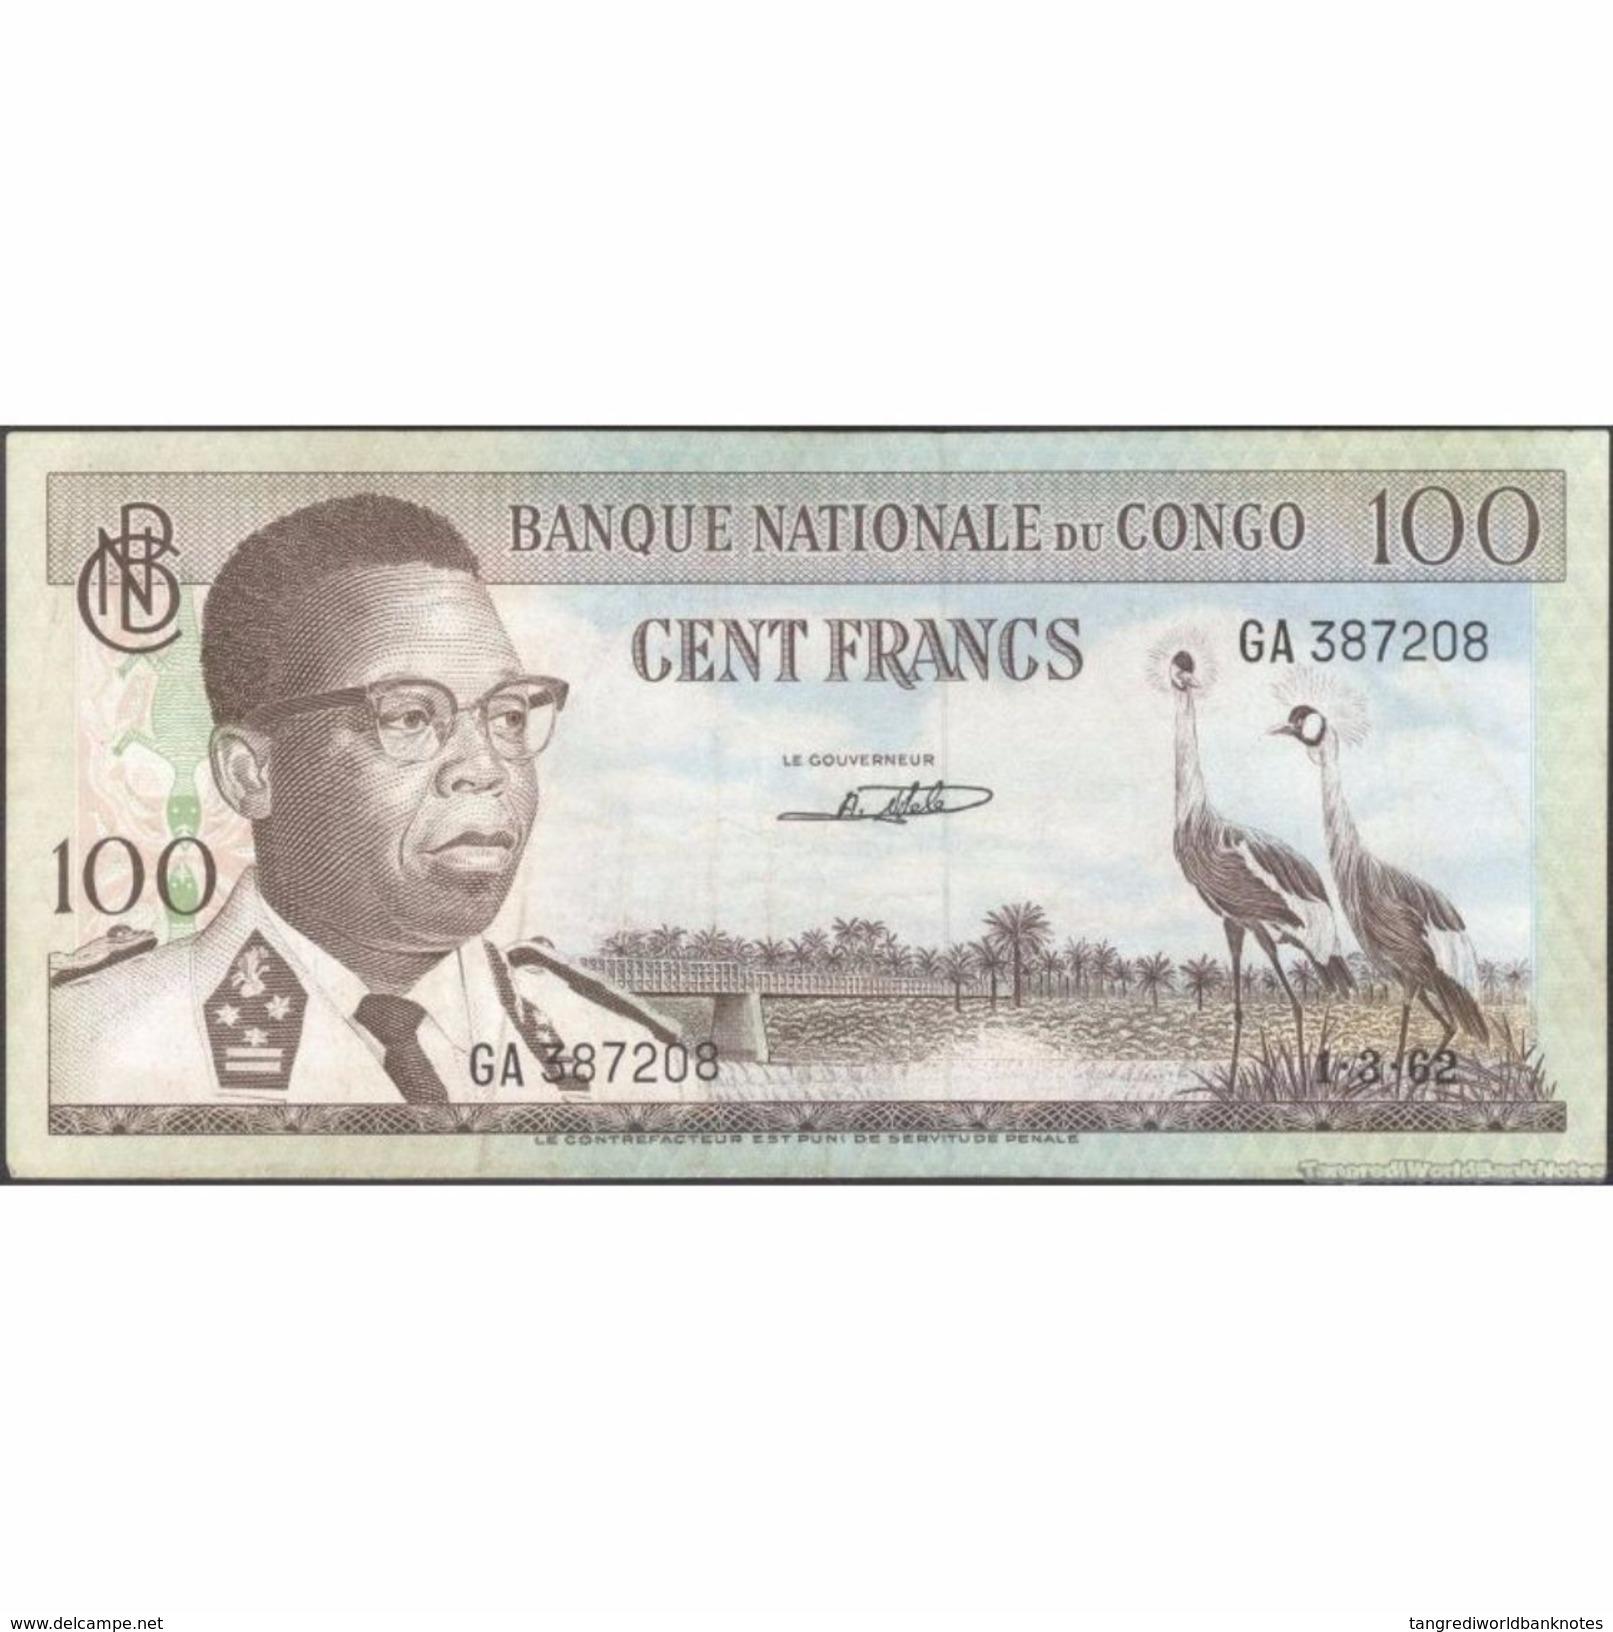 TWN - CONGO 6a - 100 Francs 1.3.1962 GA 387208 AVF - Congo